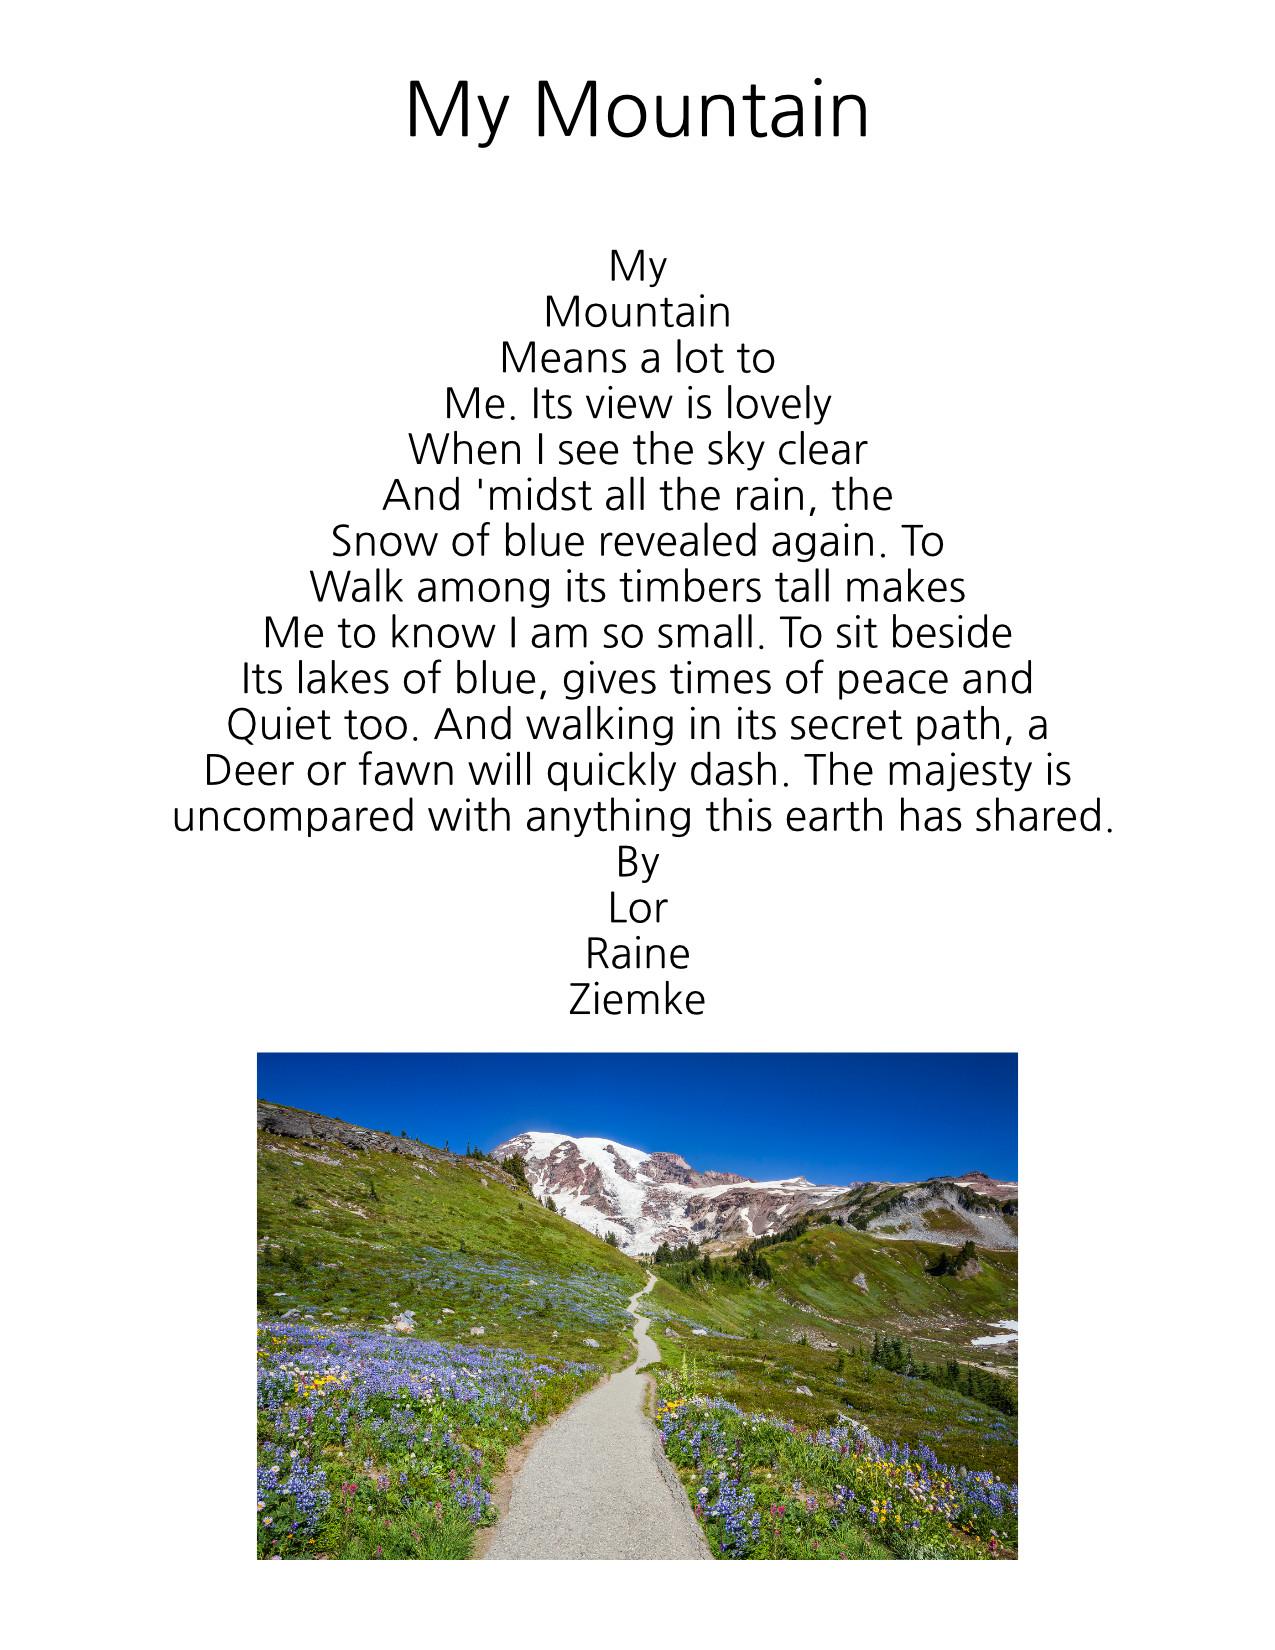 My Mountain by Lorraine Ziemke